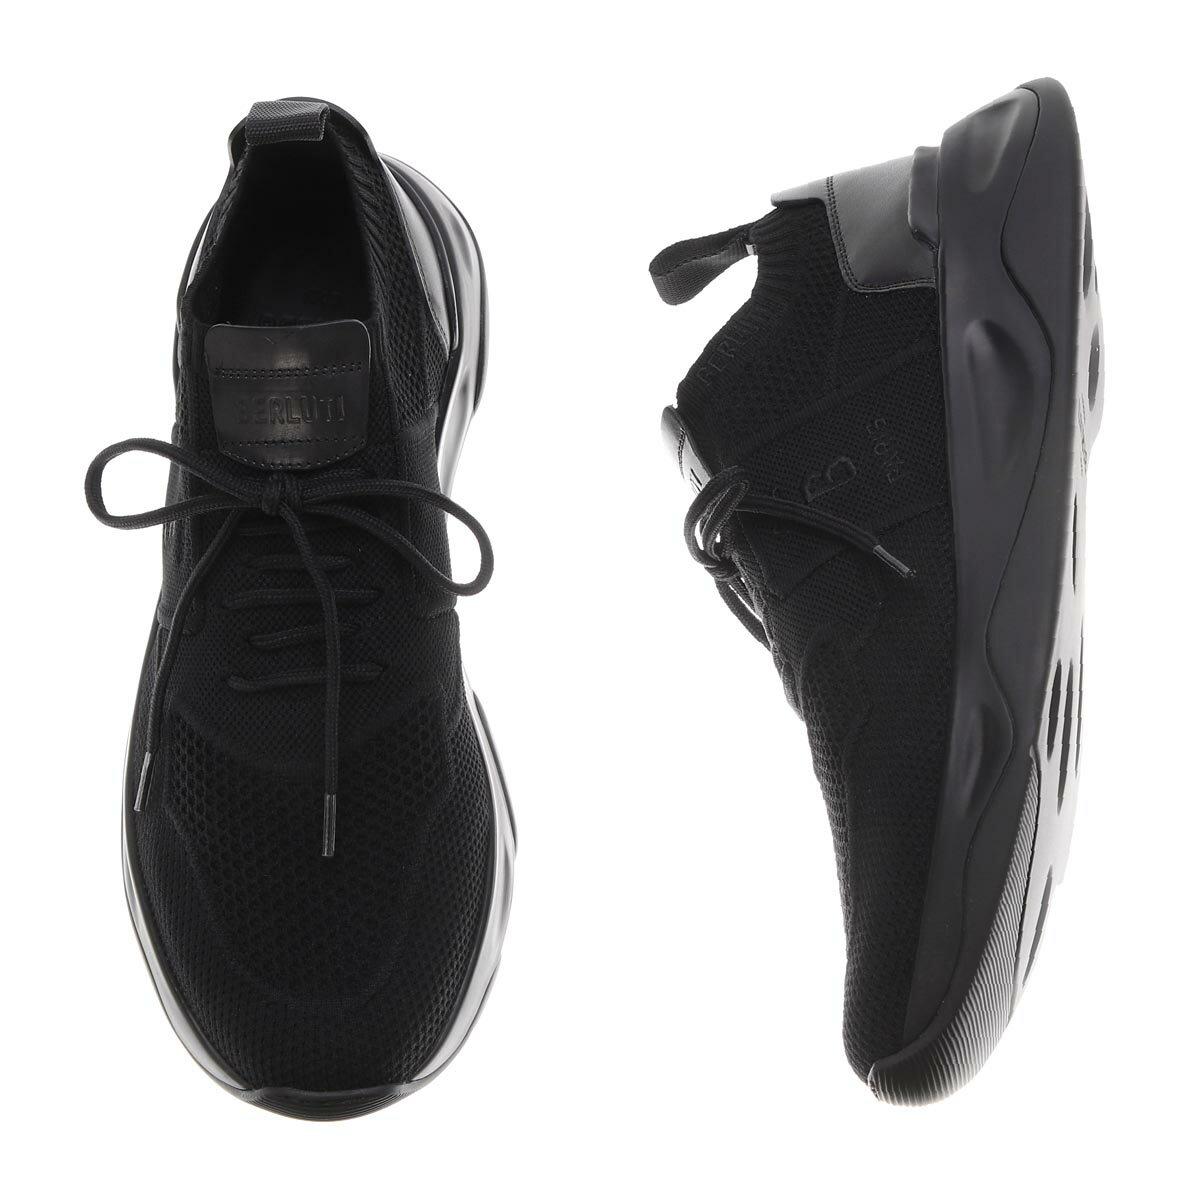 メンズ靴, スニーカー  BERLUTI s5046 001 00f jetblack SHADOW